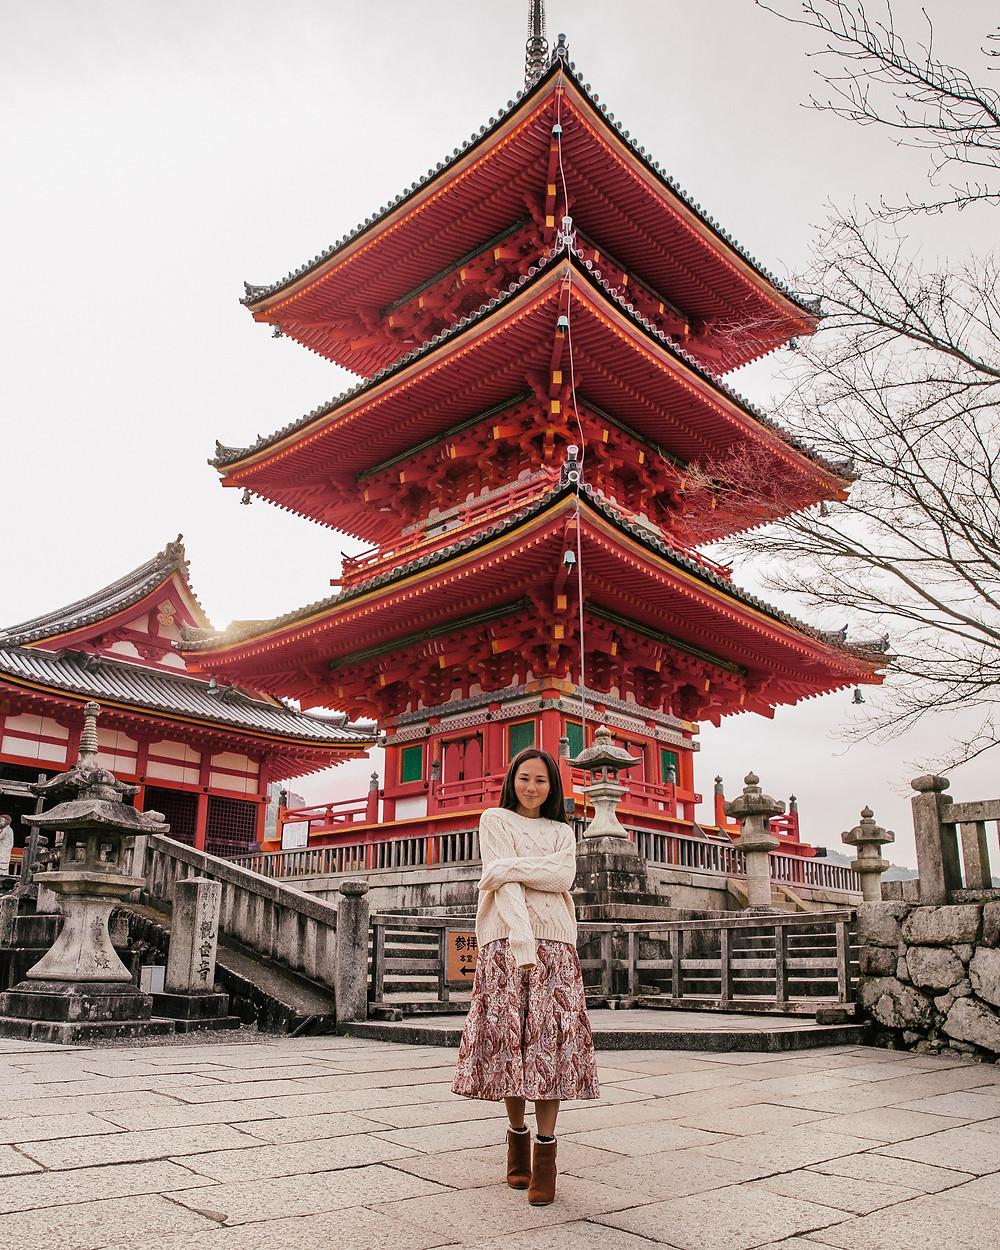 Kiyomizu Temple, Higashiyama, Kyoto